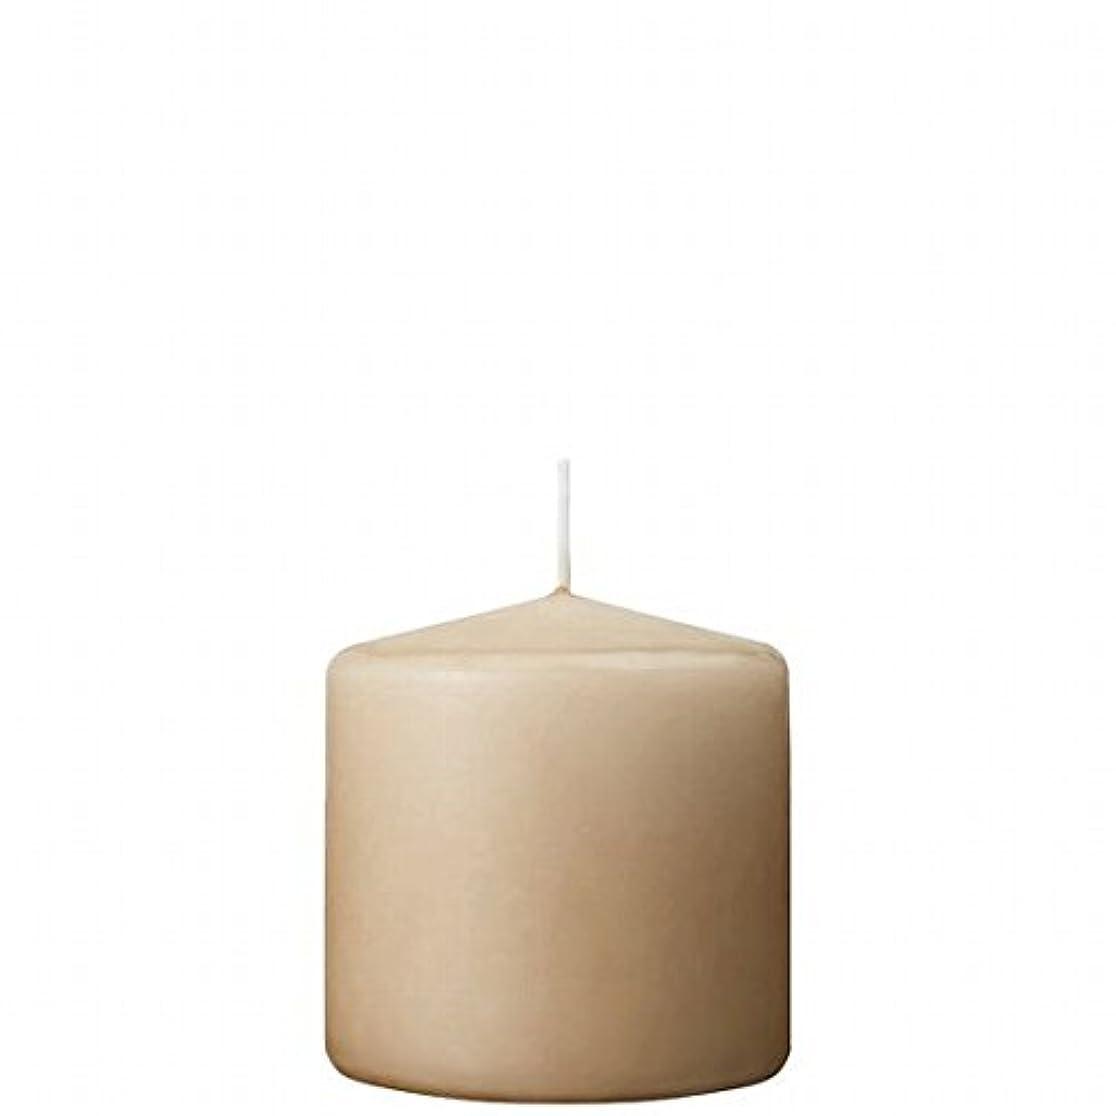 岩ポルティコソフィーkameyama candle(カメヤマキャンドル) 3×3ベルトップピラーキャンドル 「 ベージュ 」(A9730000BG)